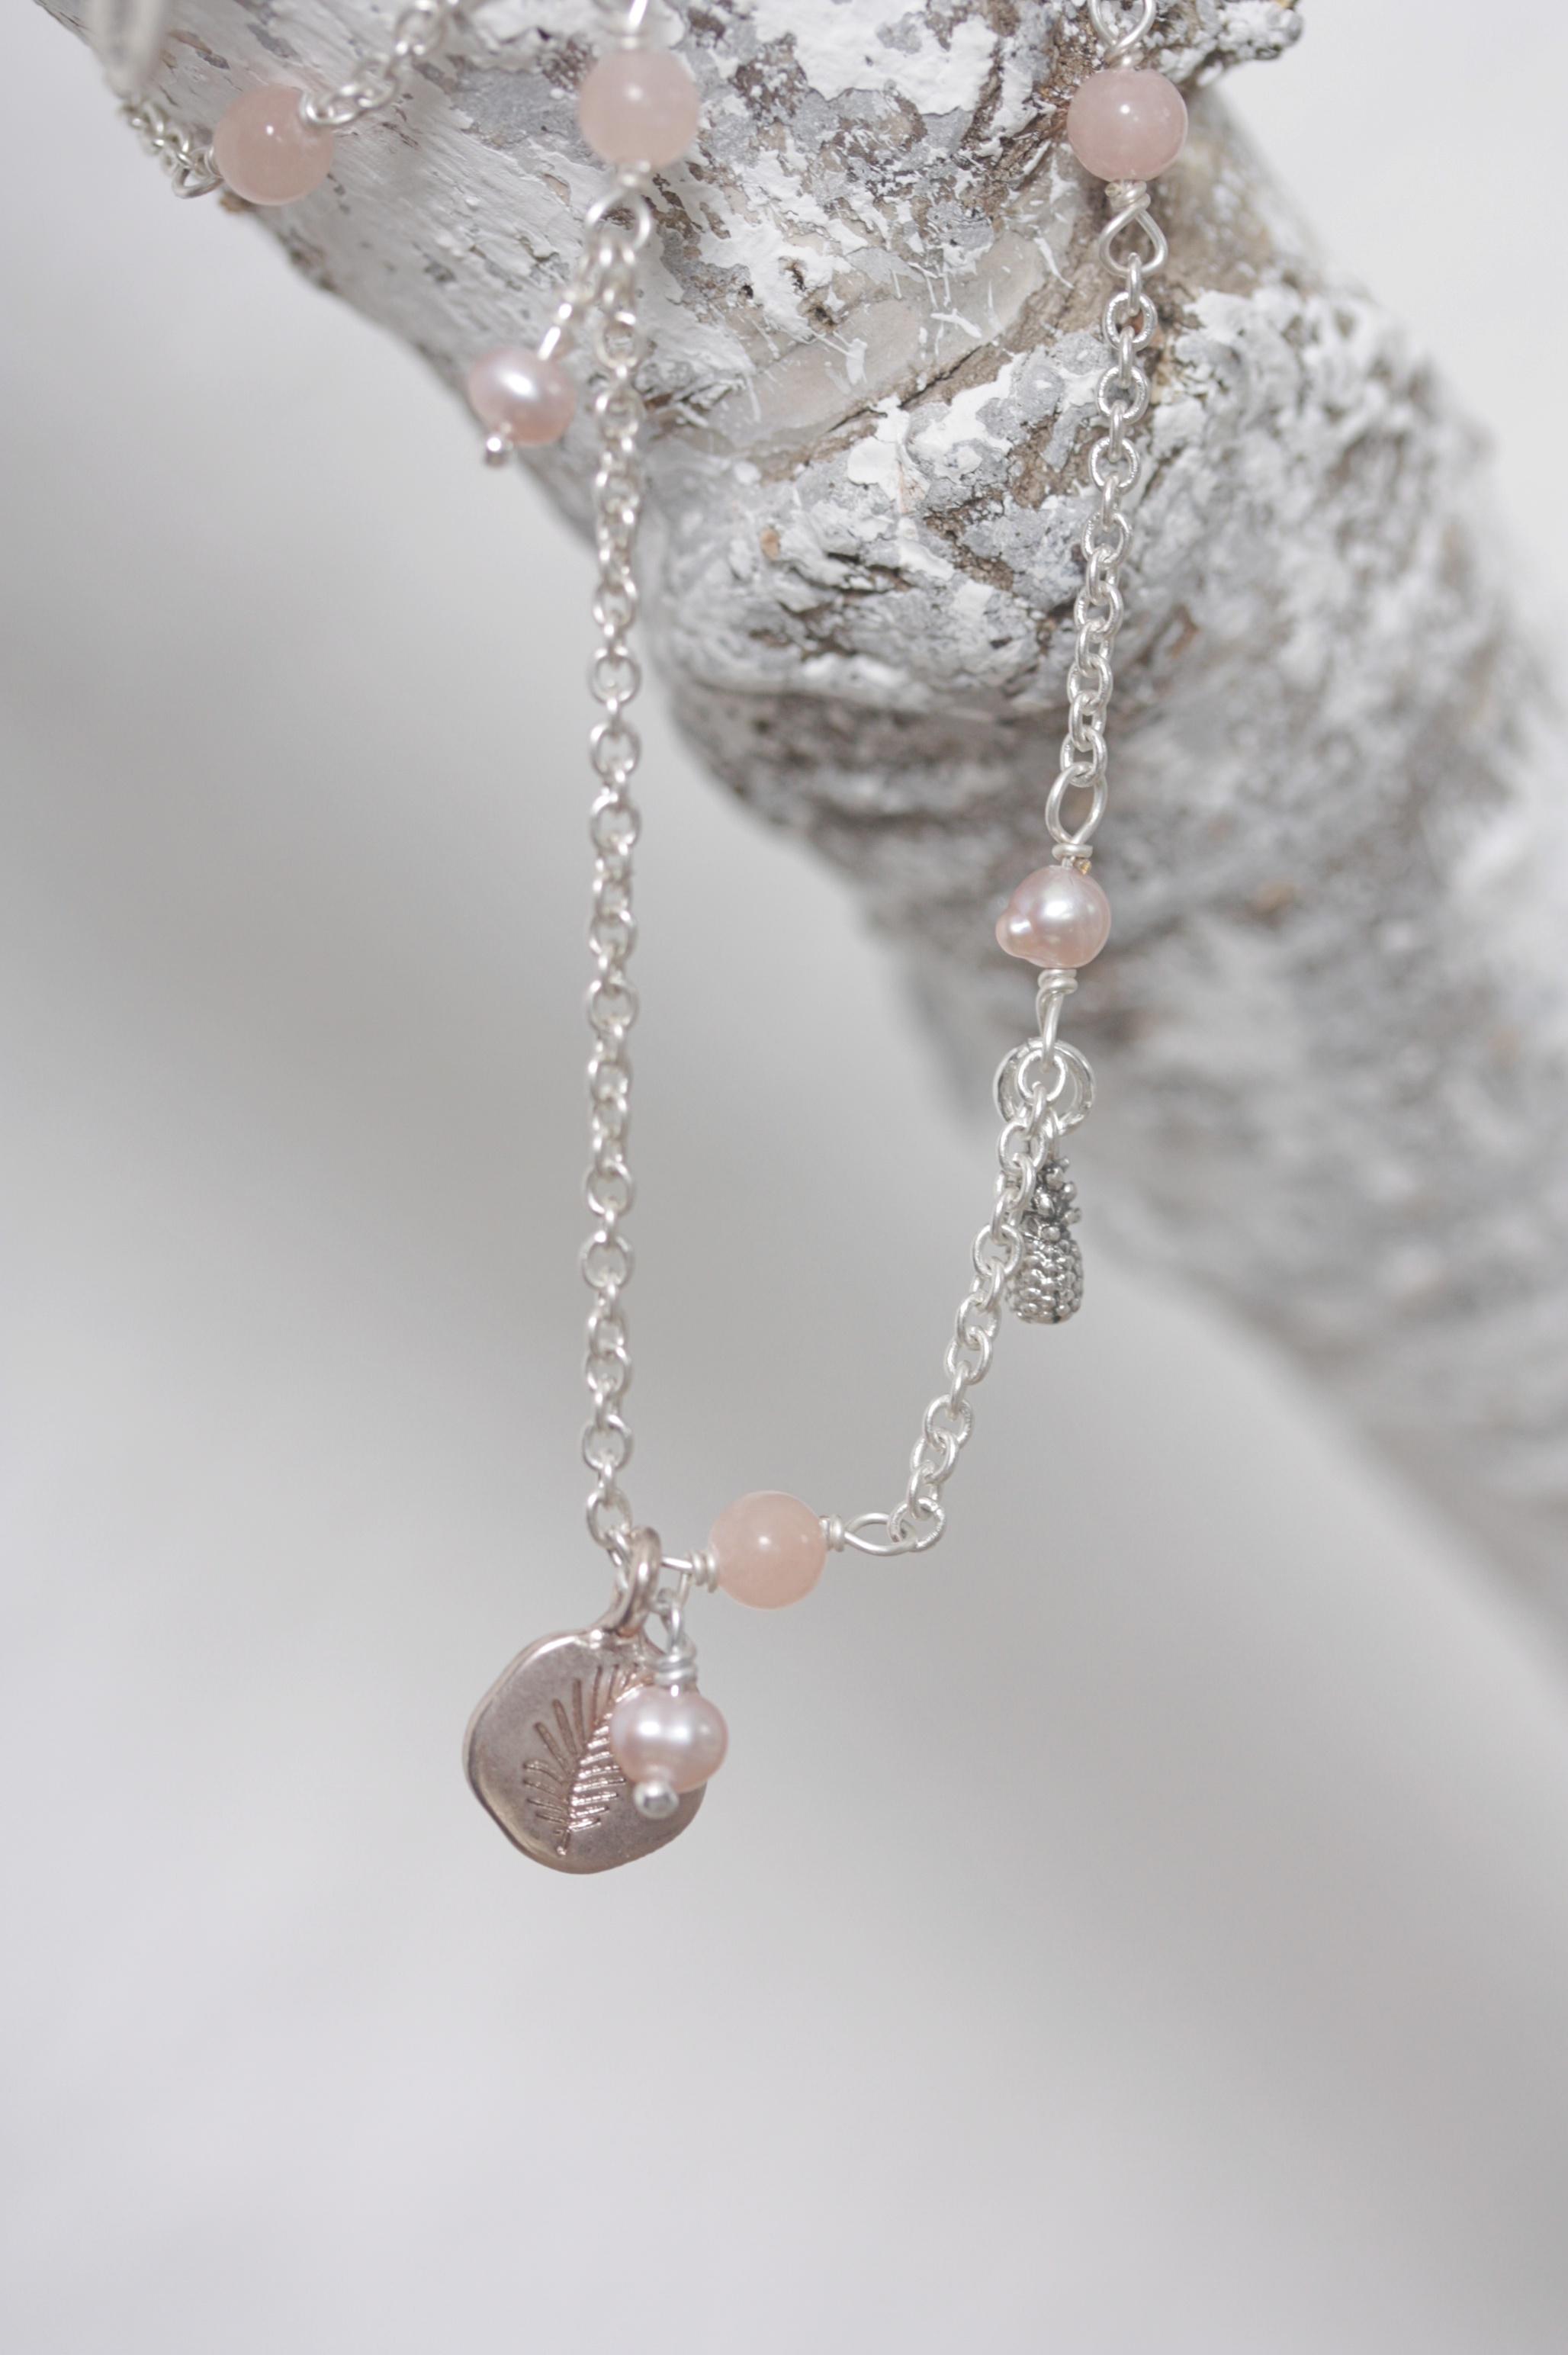 hultquist kette silber mit kleinen perlen rosa palm tree. Black Bedroom Furniture Sets. Home Design Ideas